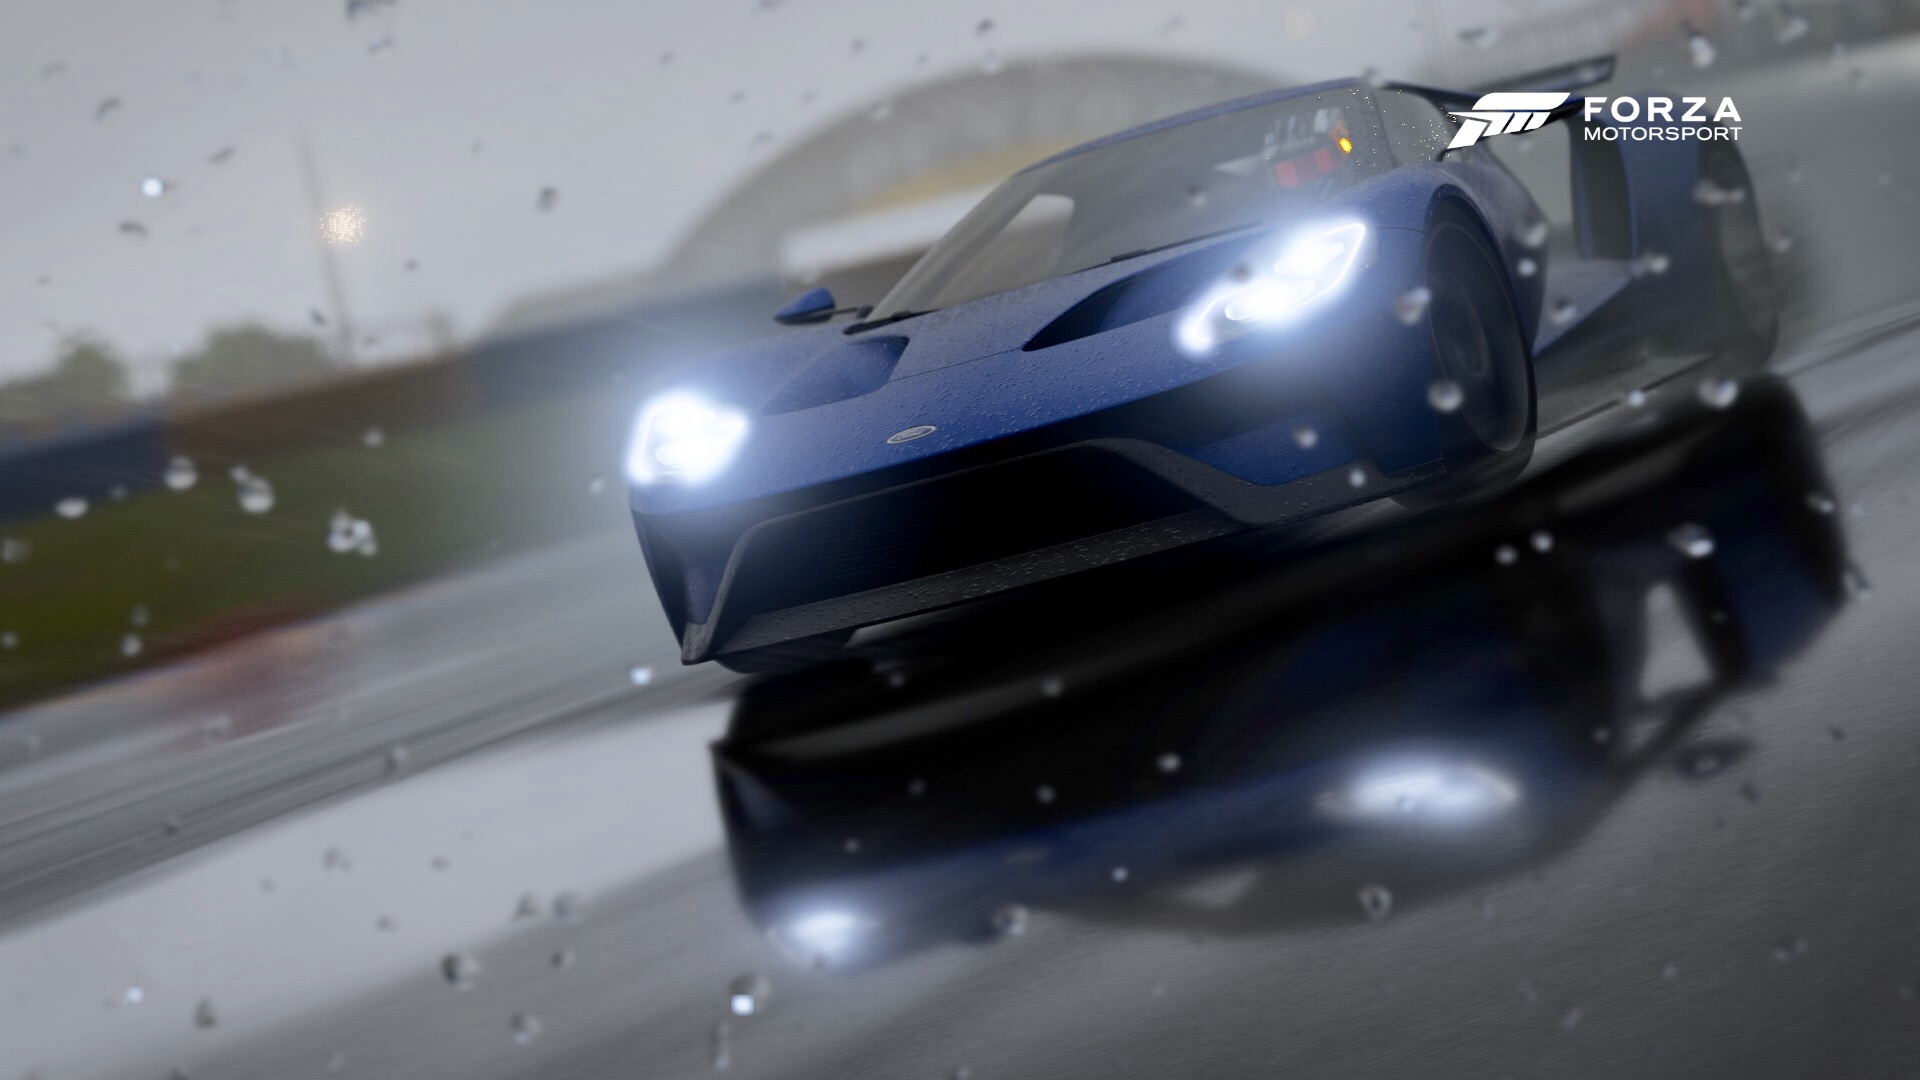 Forza Motorsport 6 HD Wallpaper